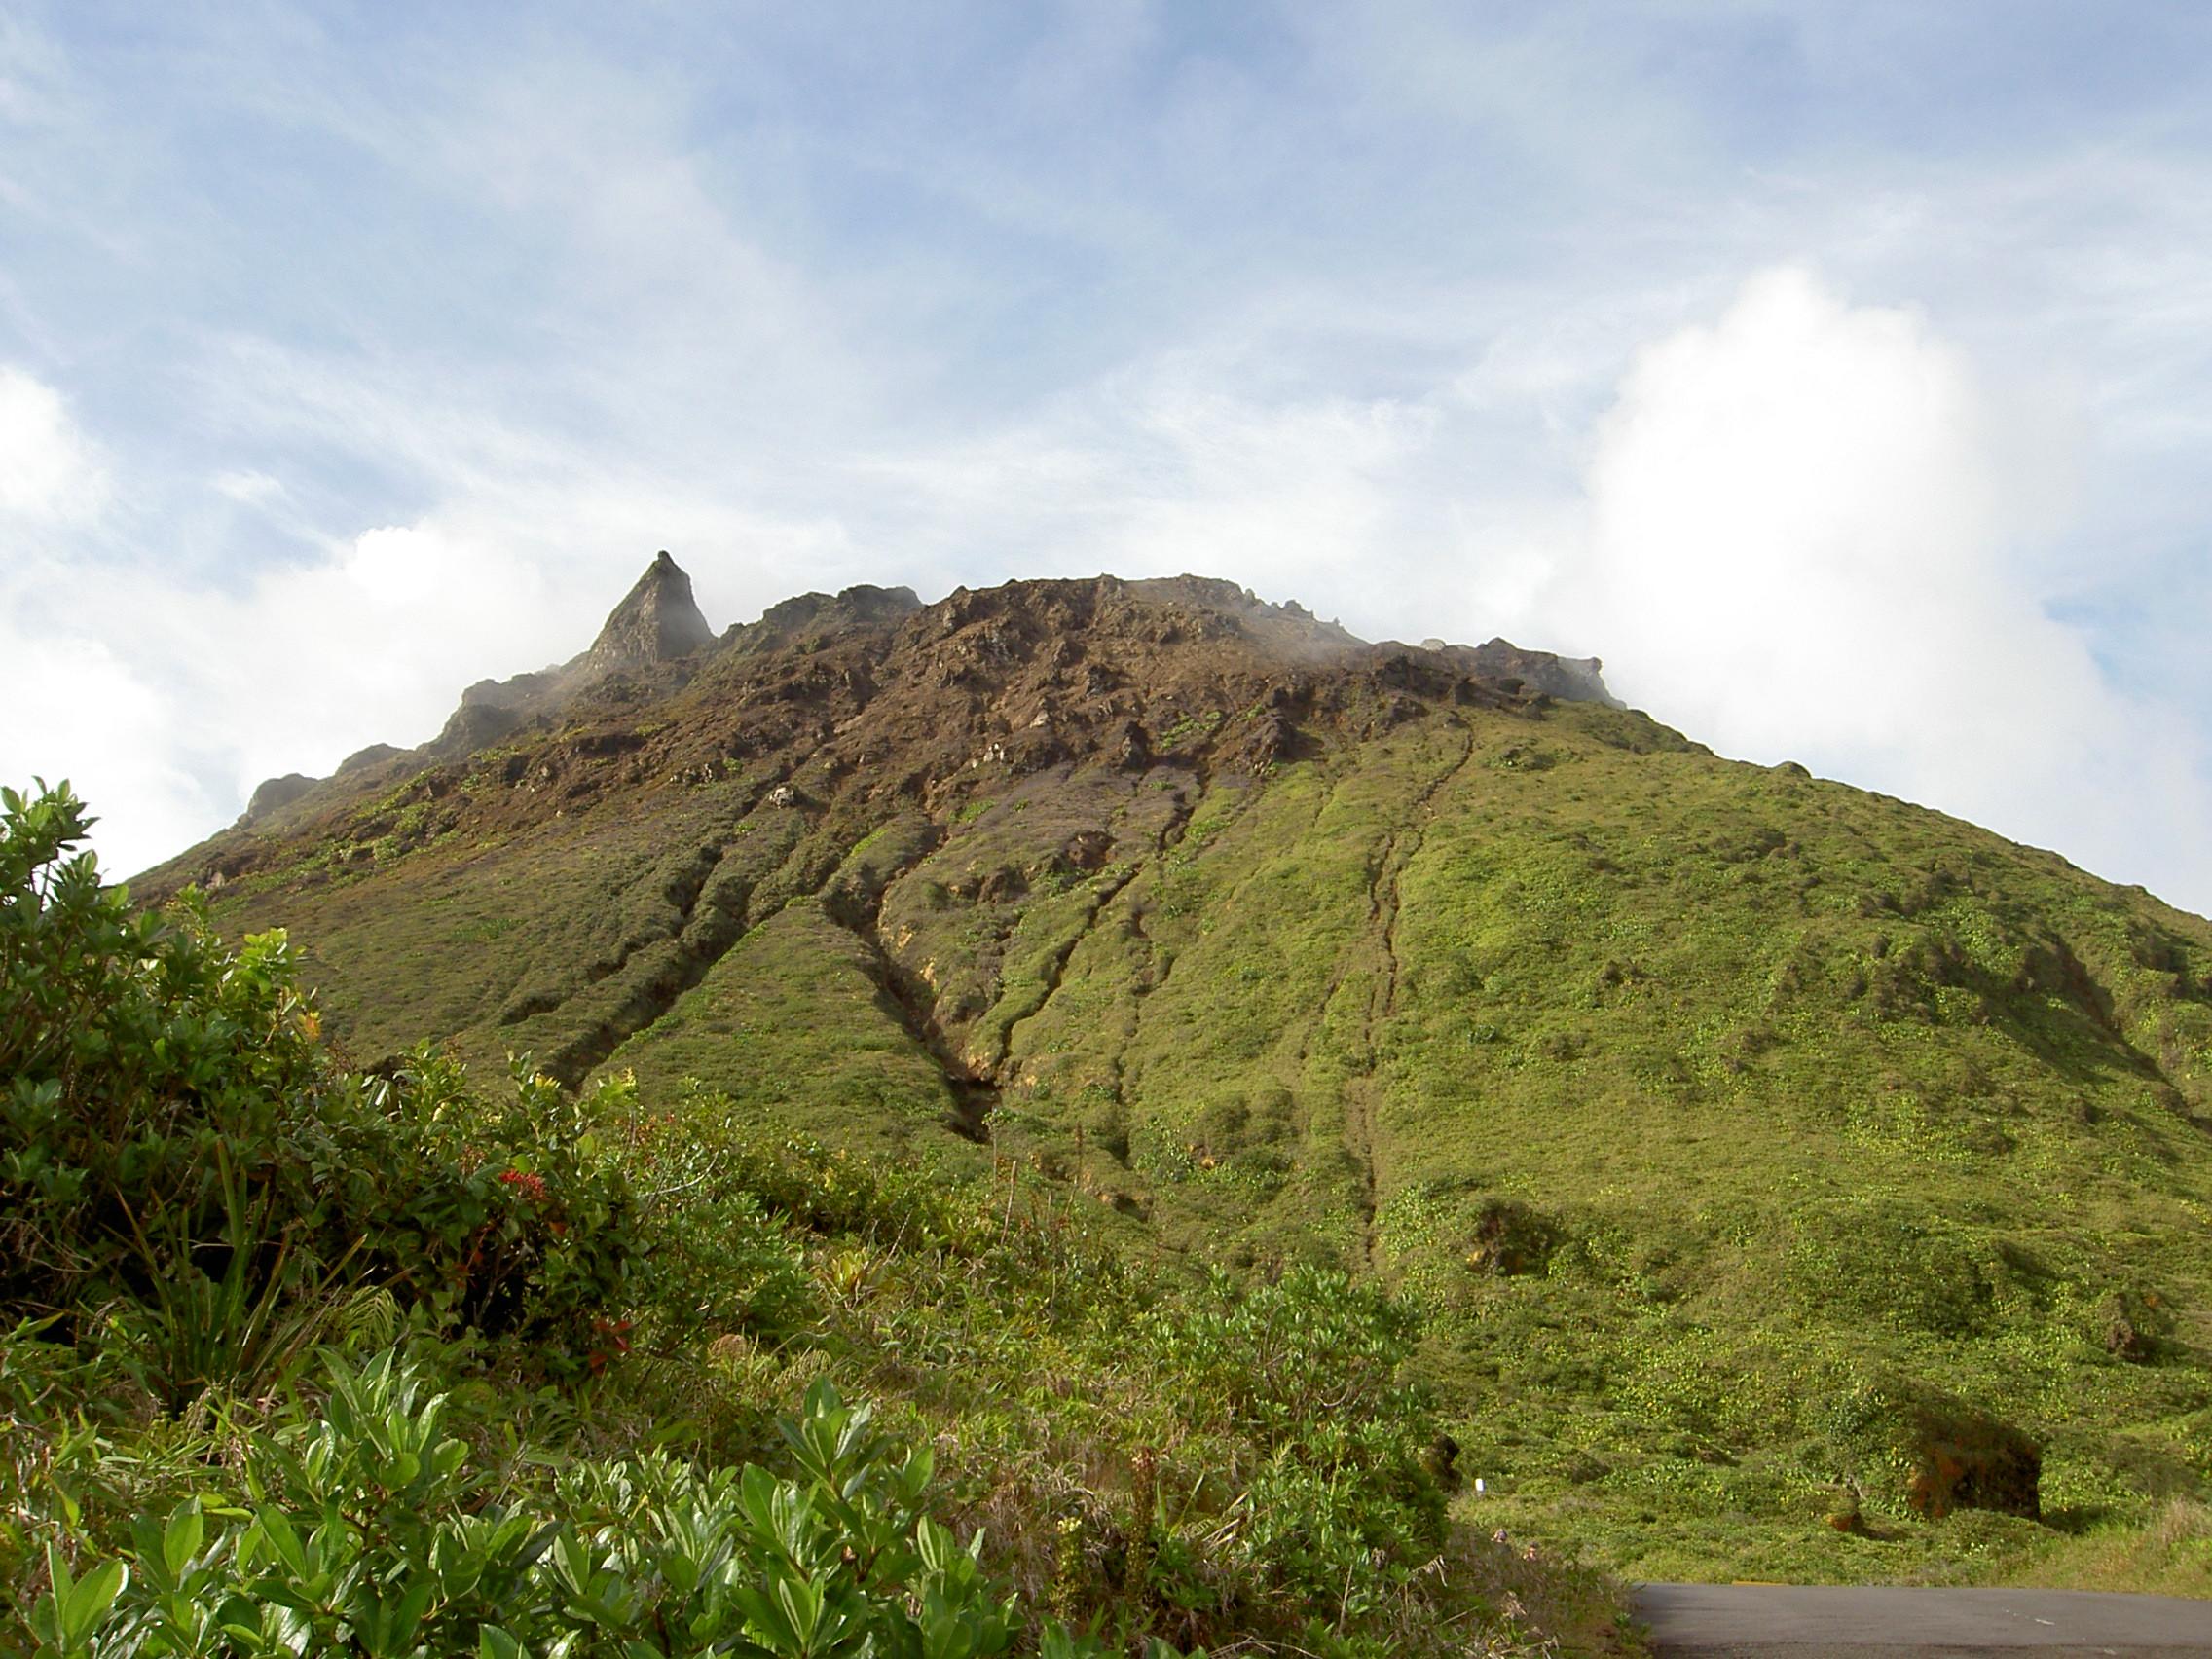 La Soufrière de Guadeloupe : une potentielle source d'énergie